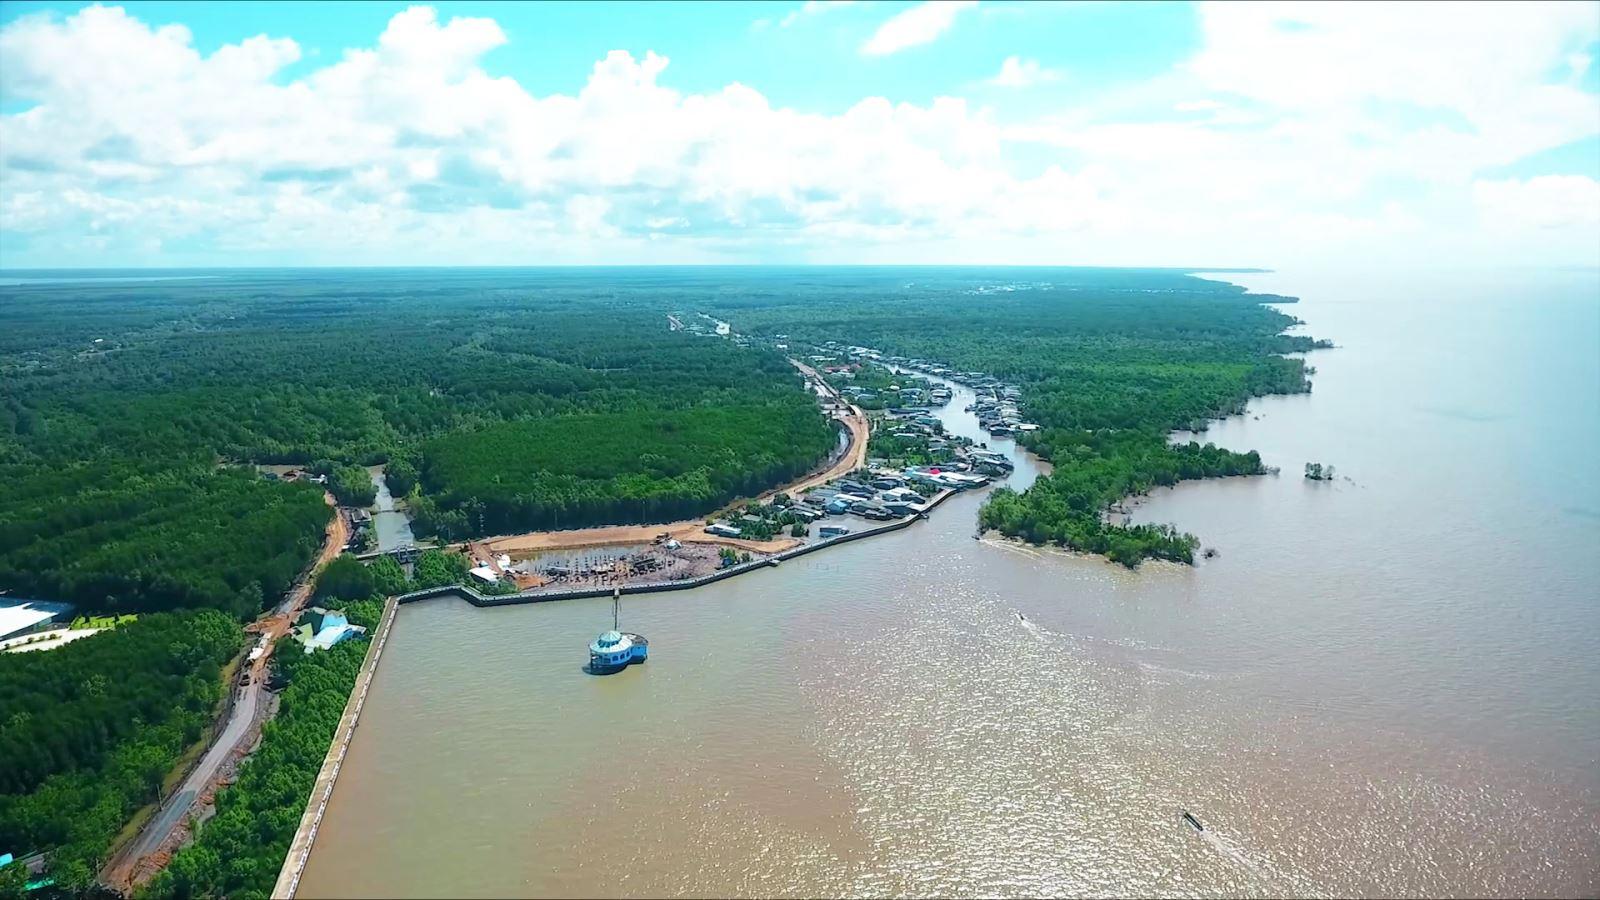 Cà Mau nói riêng đang đối diện với nhiều khó khăn thử thách liên quan đến sạt lở bờ sông, xói lở bờ biển, giông lốc, nước biển dâng…